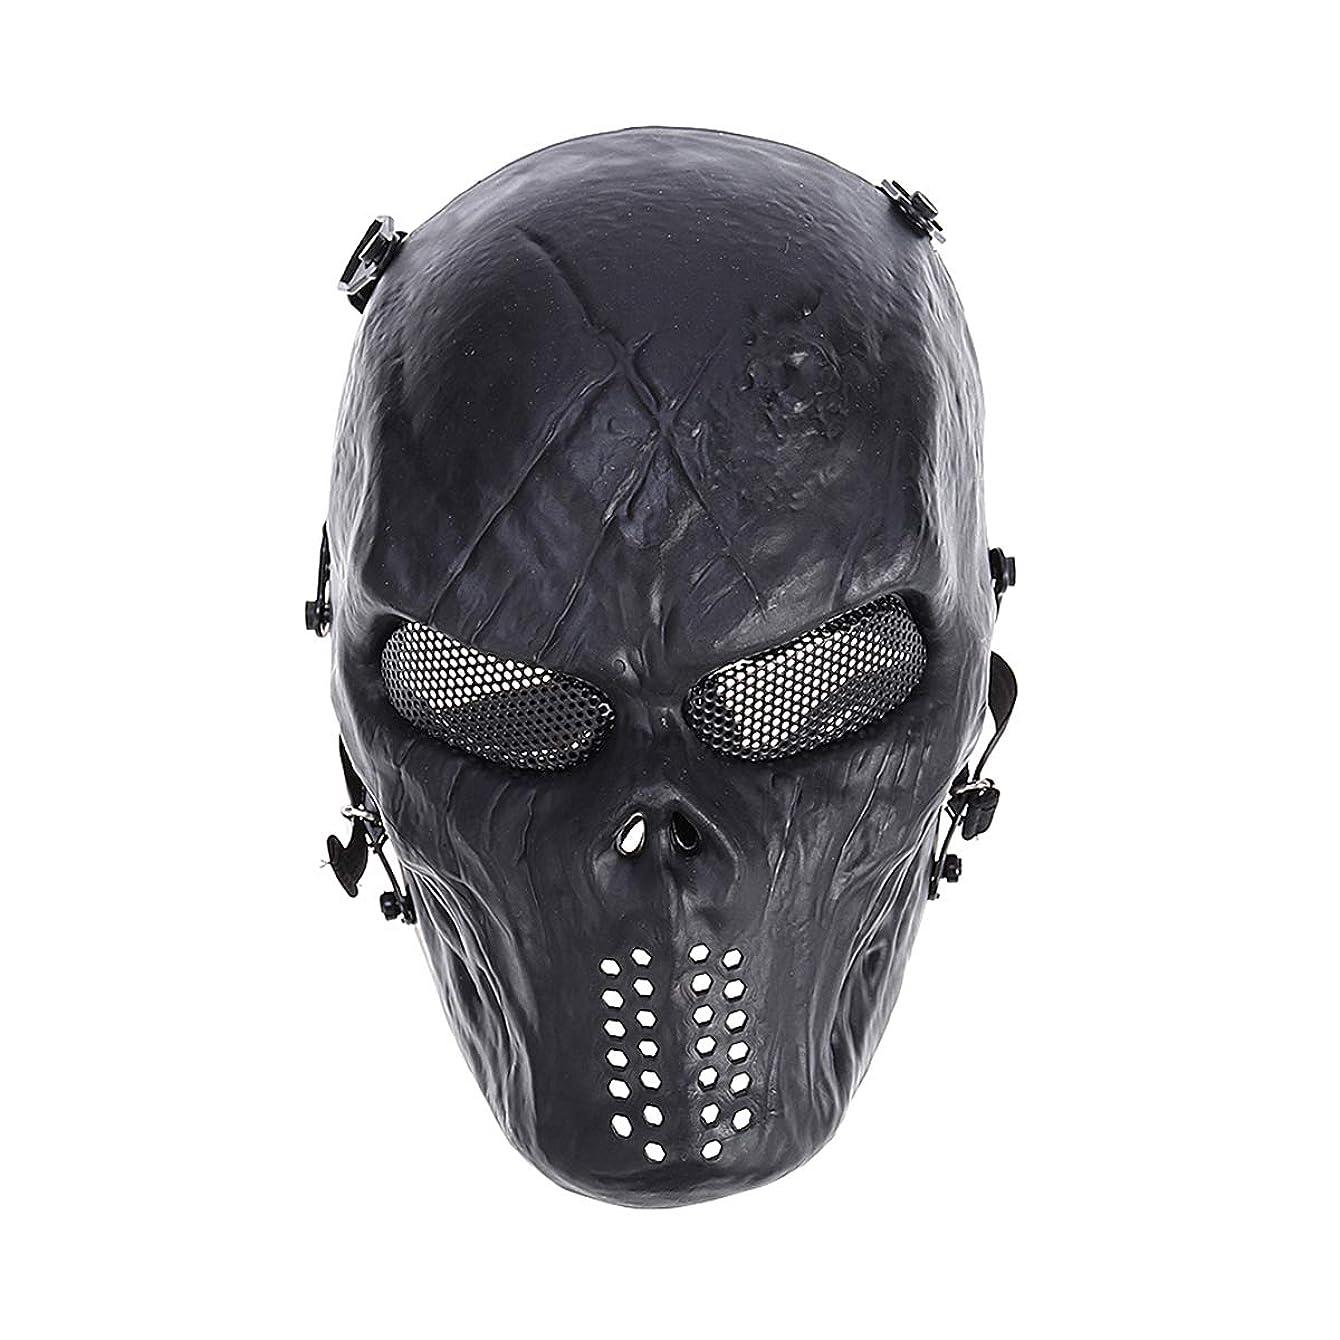 オフェンス臭いおしゃれじゃないVORCOOL CSフィールドマスクハロウィンパーティーコスチュームマスク調整可能な戦術マスク戦闘保護顔耳保護征服マスク(黒)